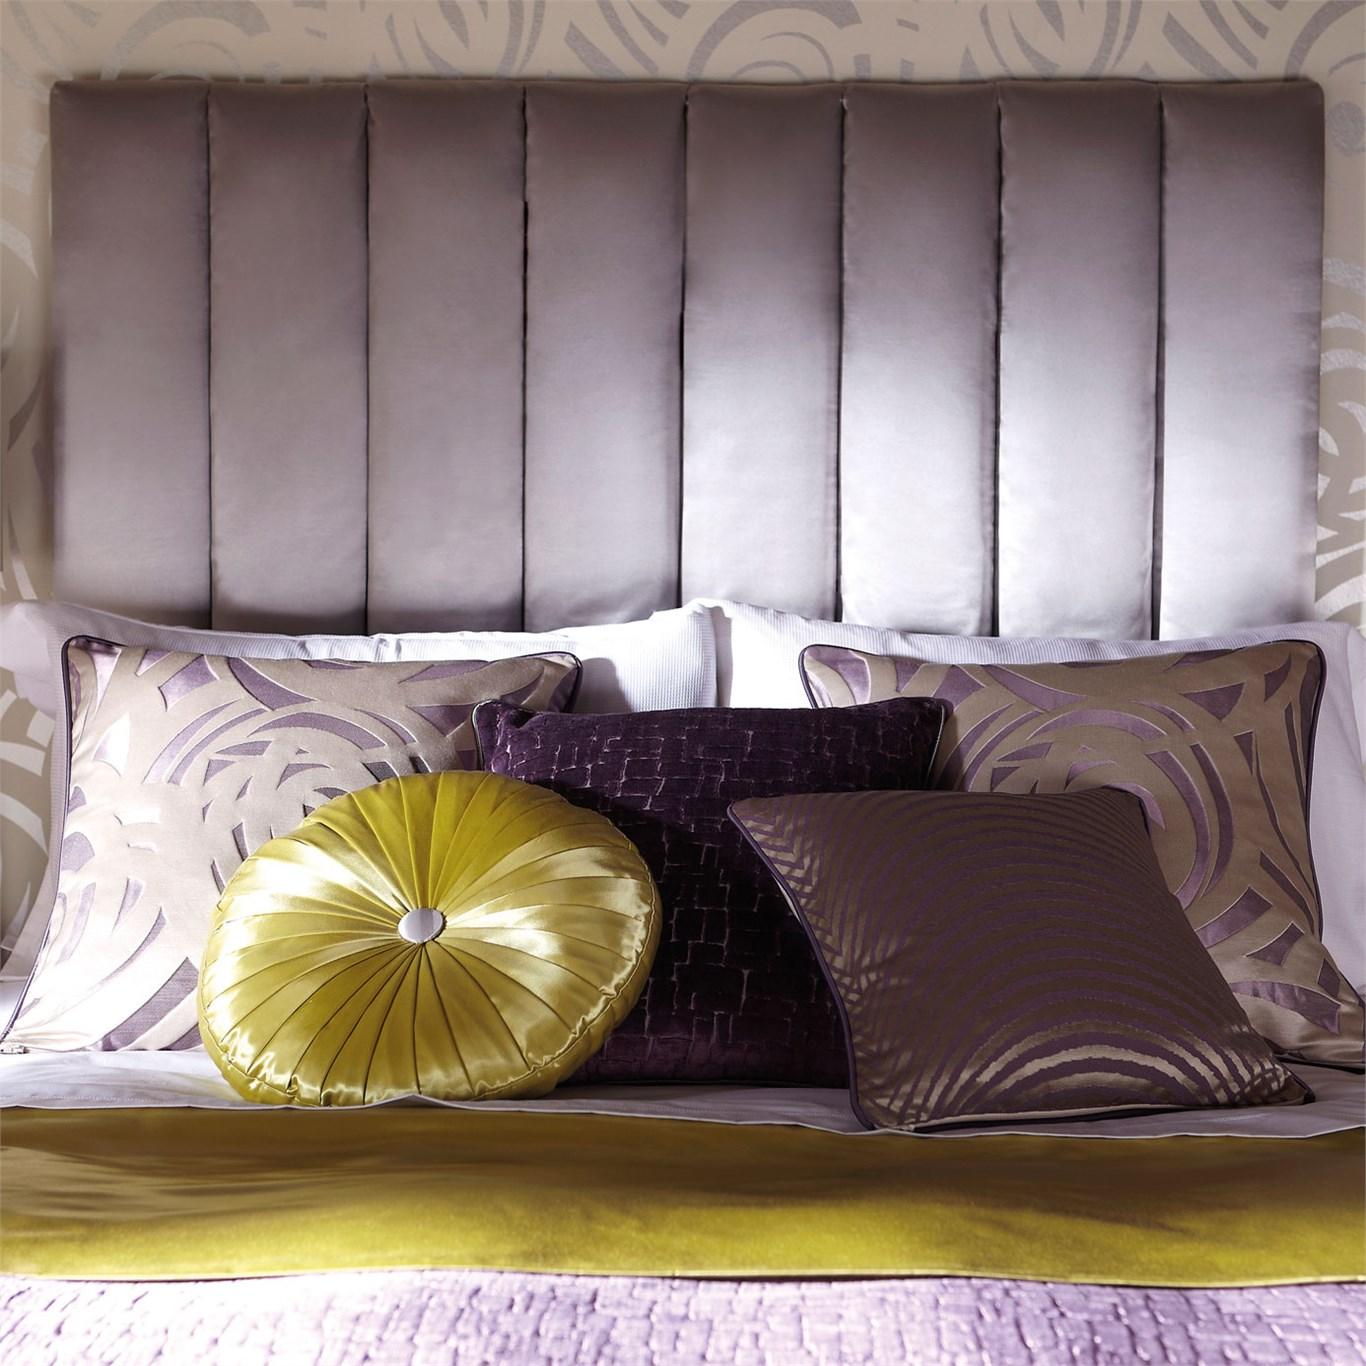 Dormitorio en color lila y amarillo lim n villalba - Camas con cojines ...